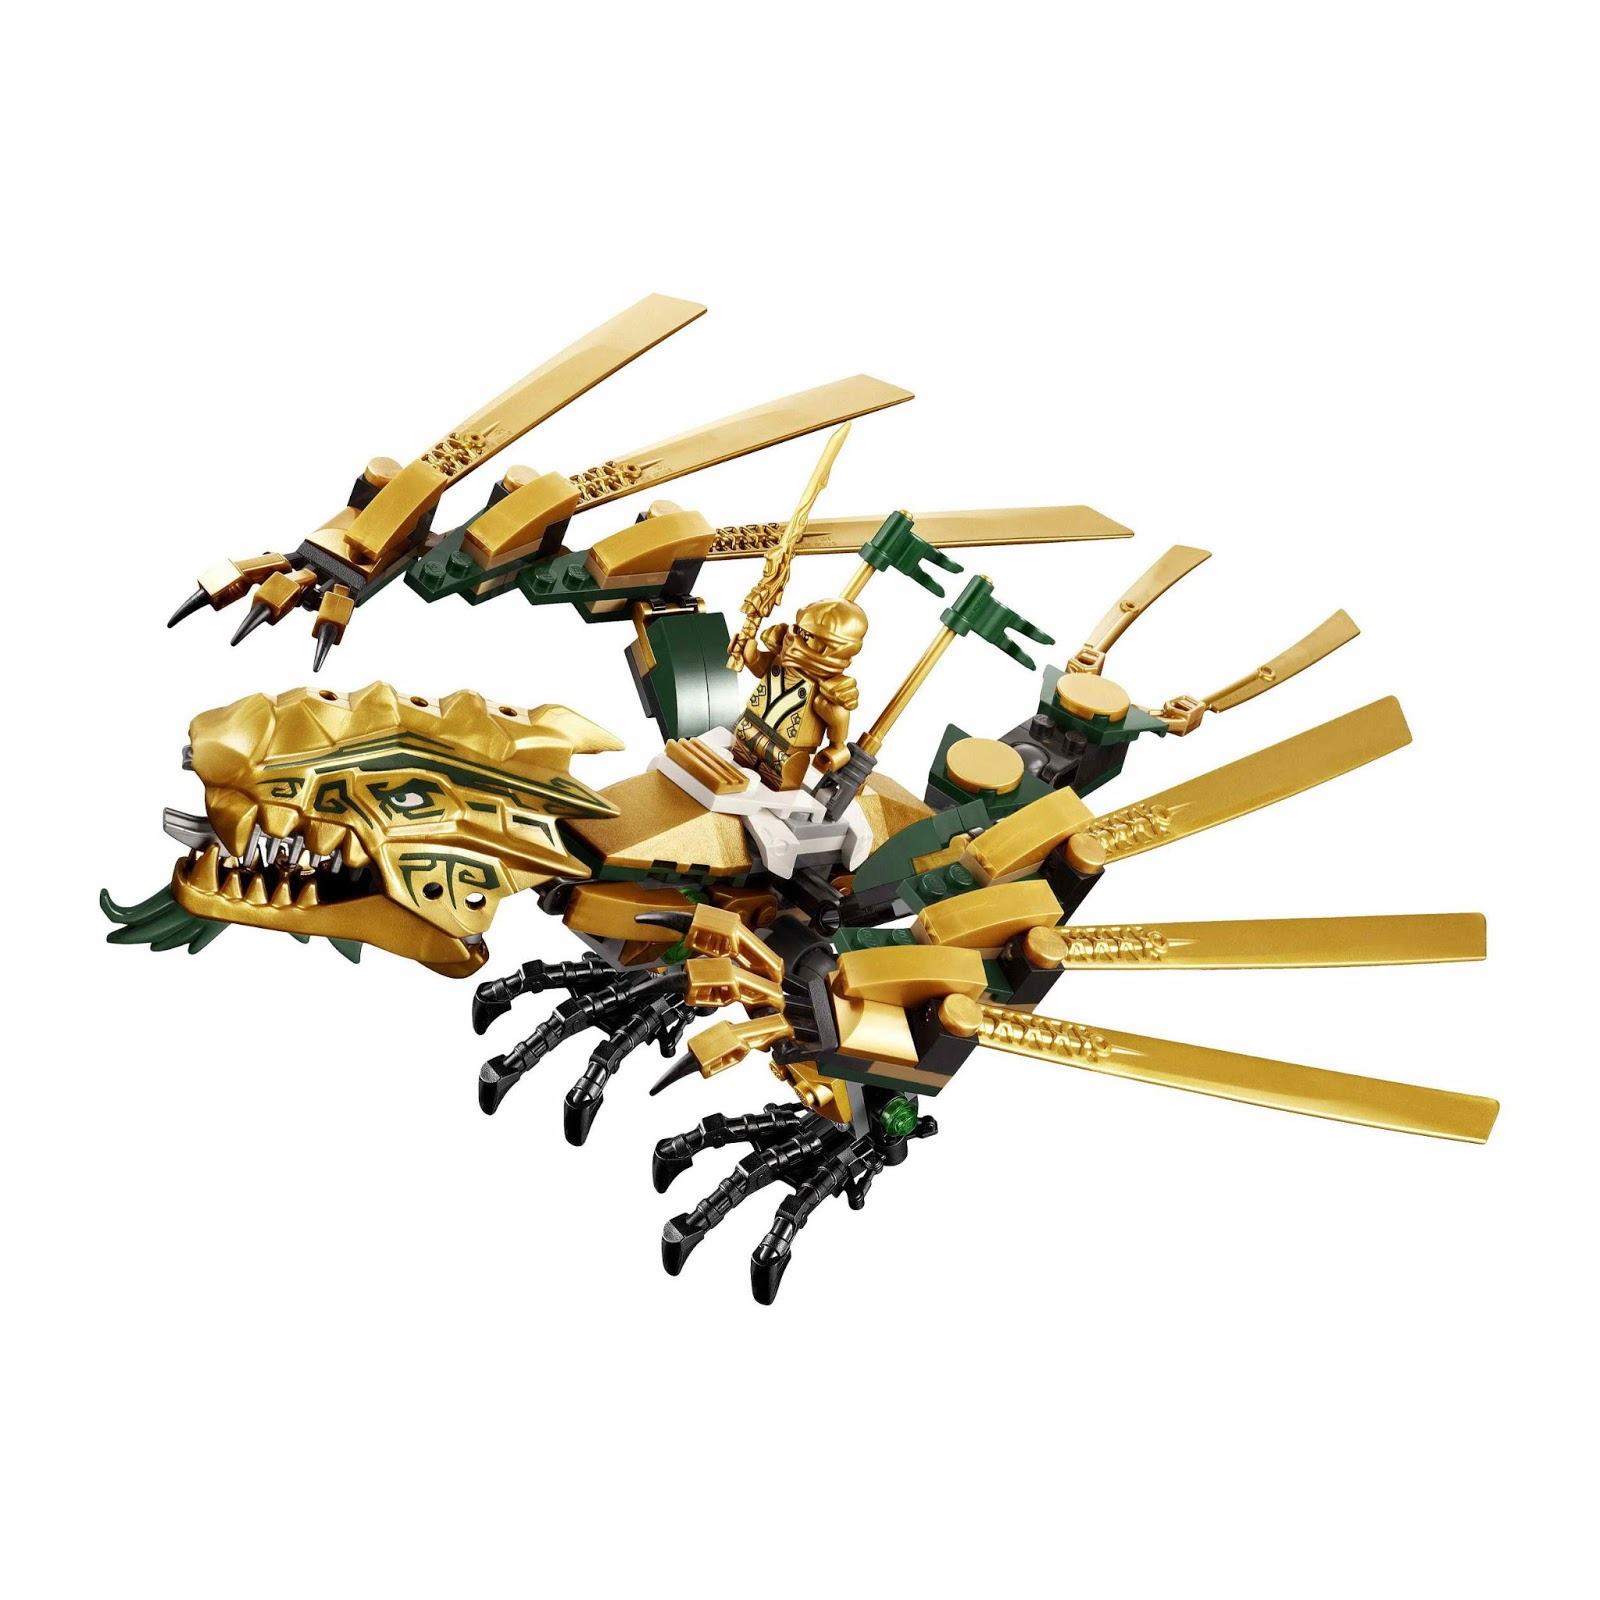 Lego Ninjago Dragon REPUBbLICk: set...